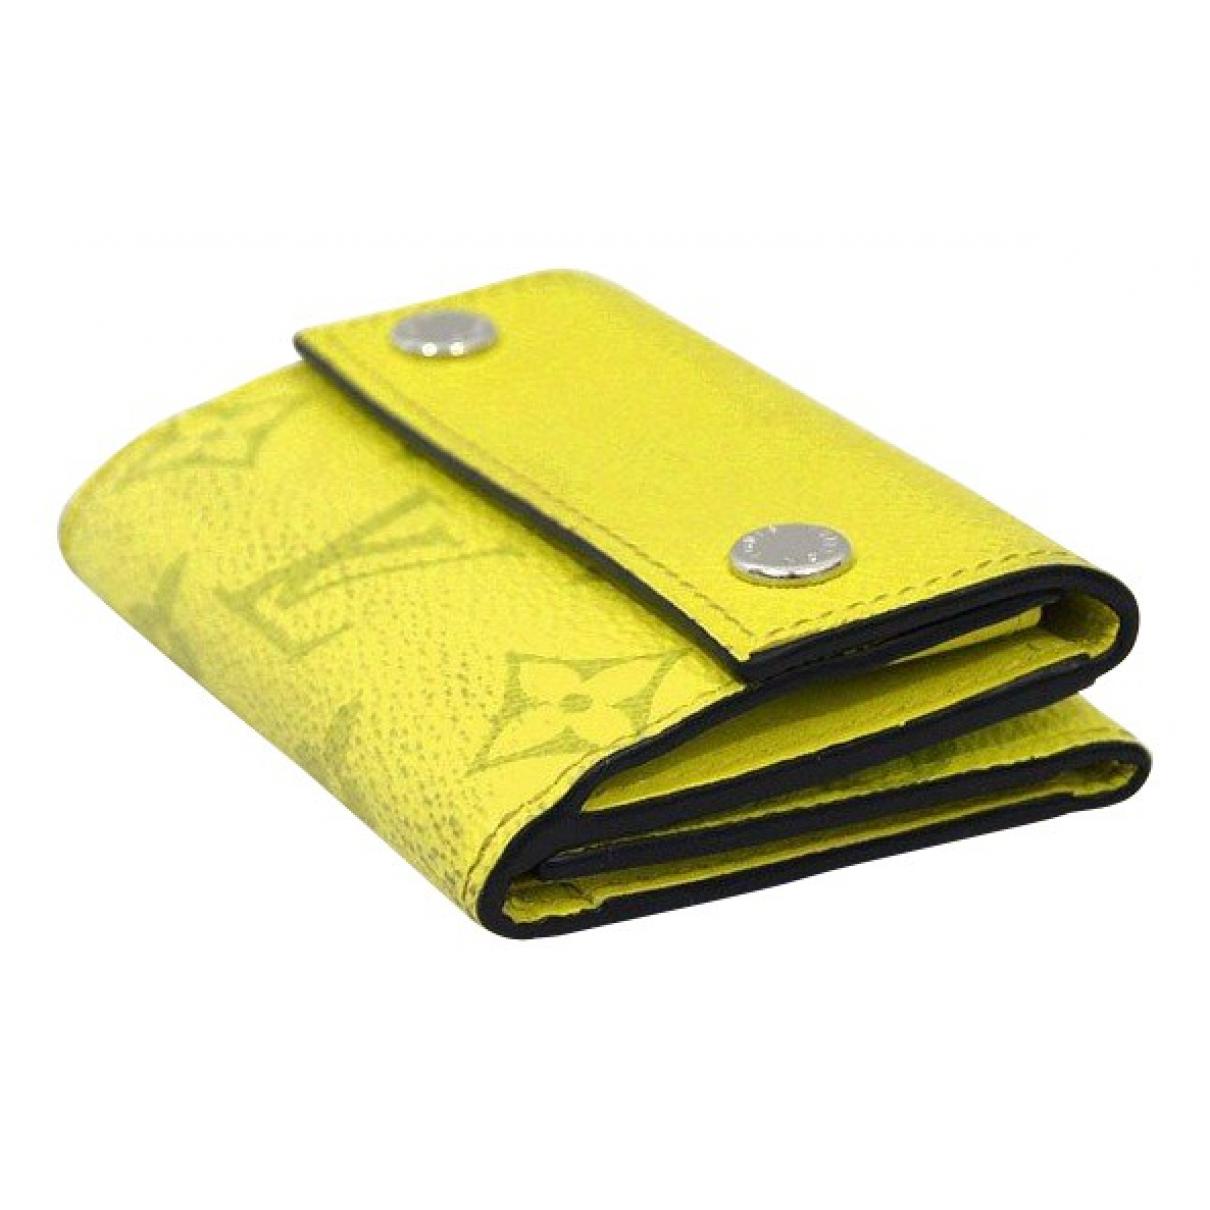 Louis Vuitton \N Portemonnaie in  Gelb Leinen